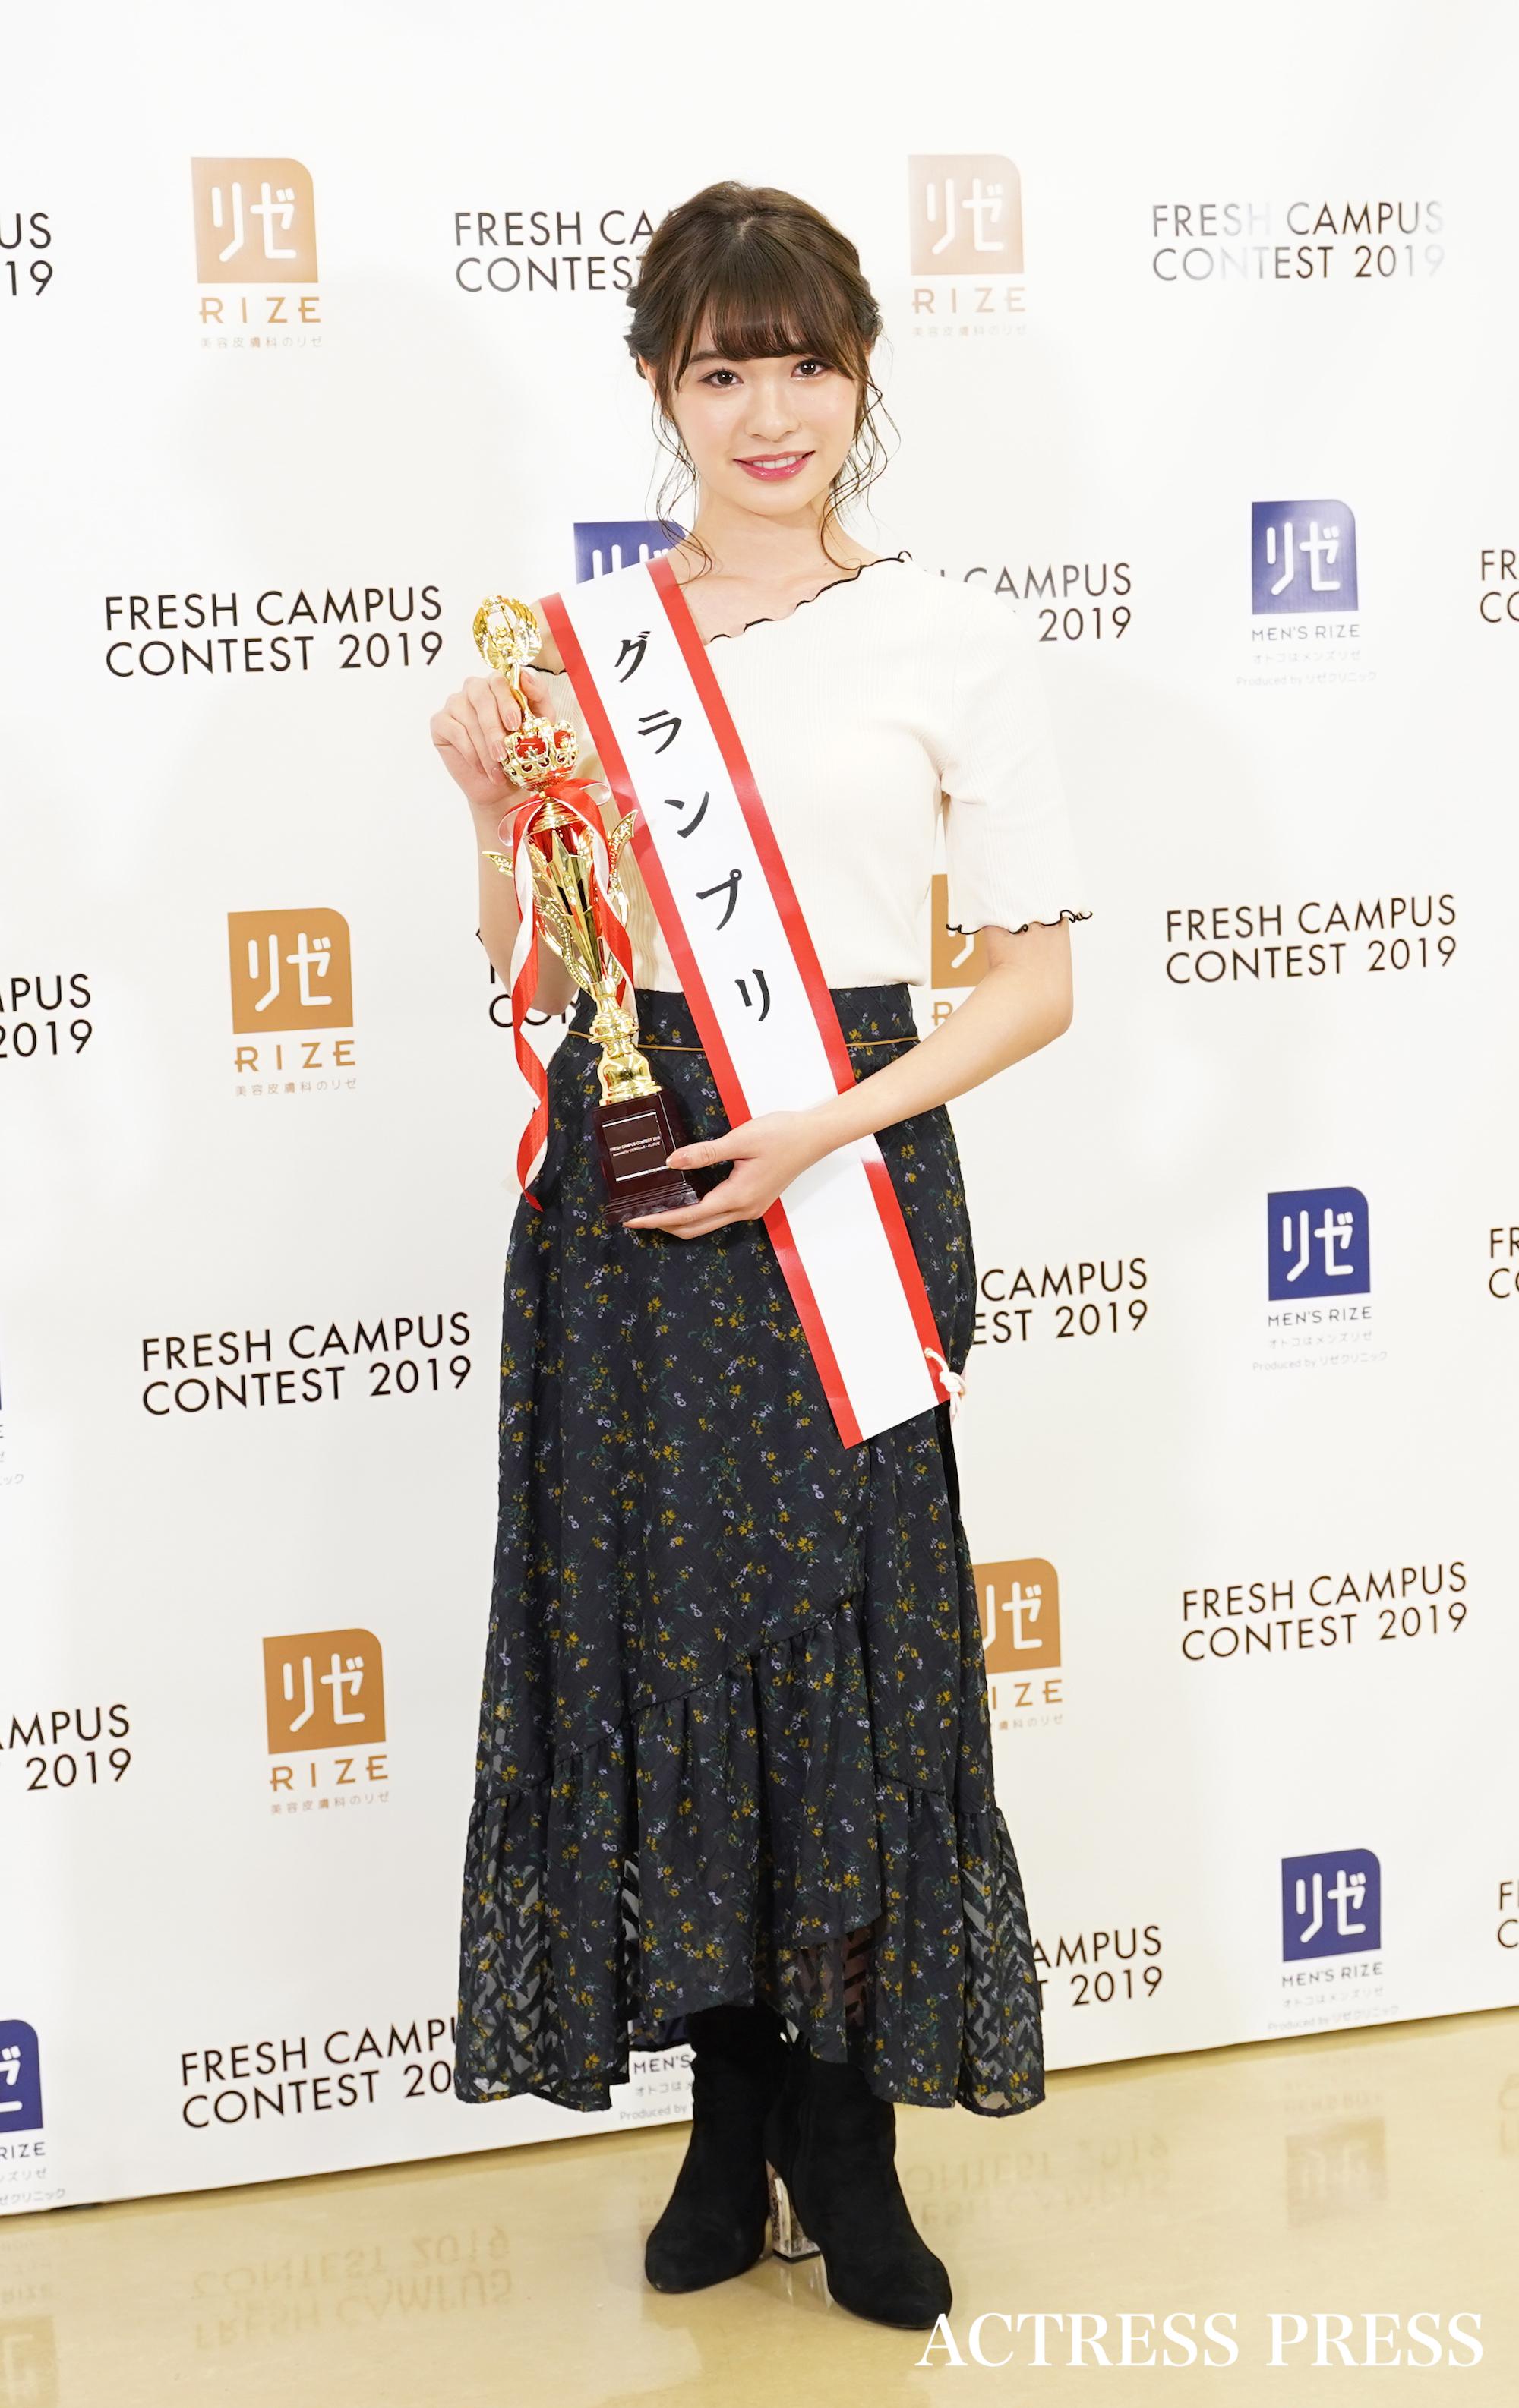 中川紅葉/「FRESH CAMPUS CONTEST 2019」グランプリ・準グランプリ(2019年11月17日)/撮影:ACTRESS PRESS編集部